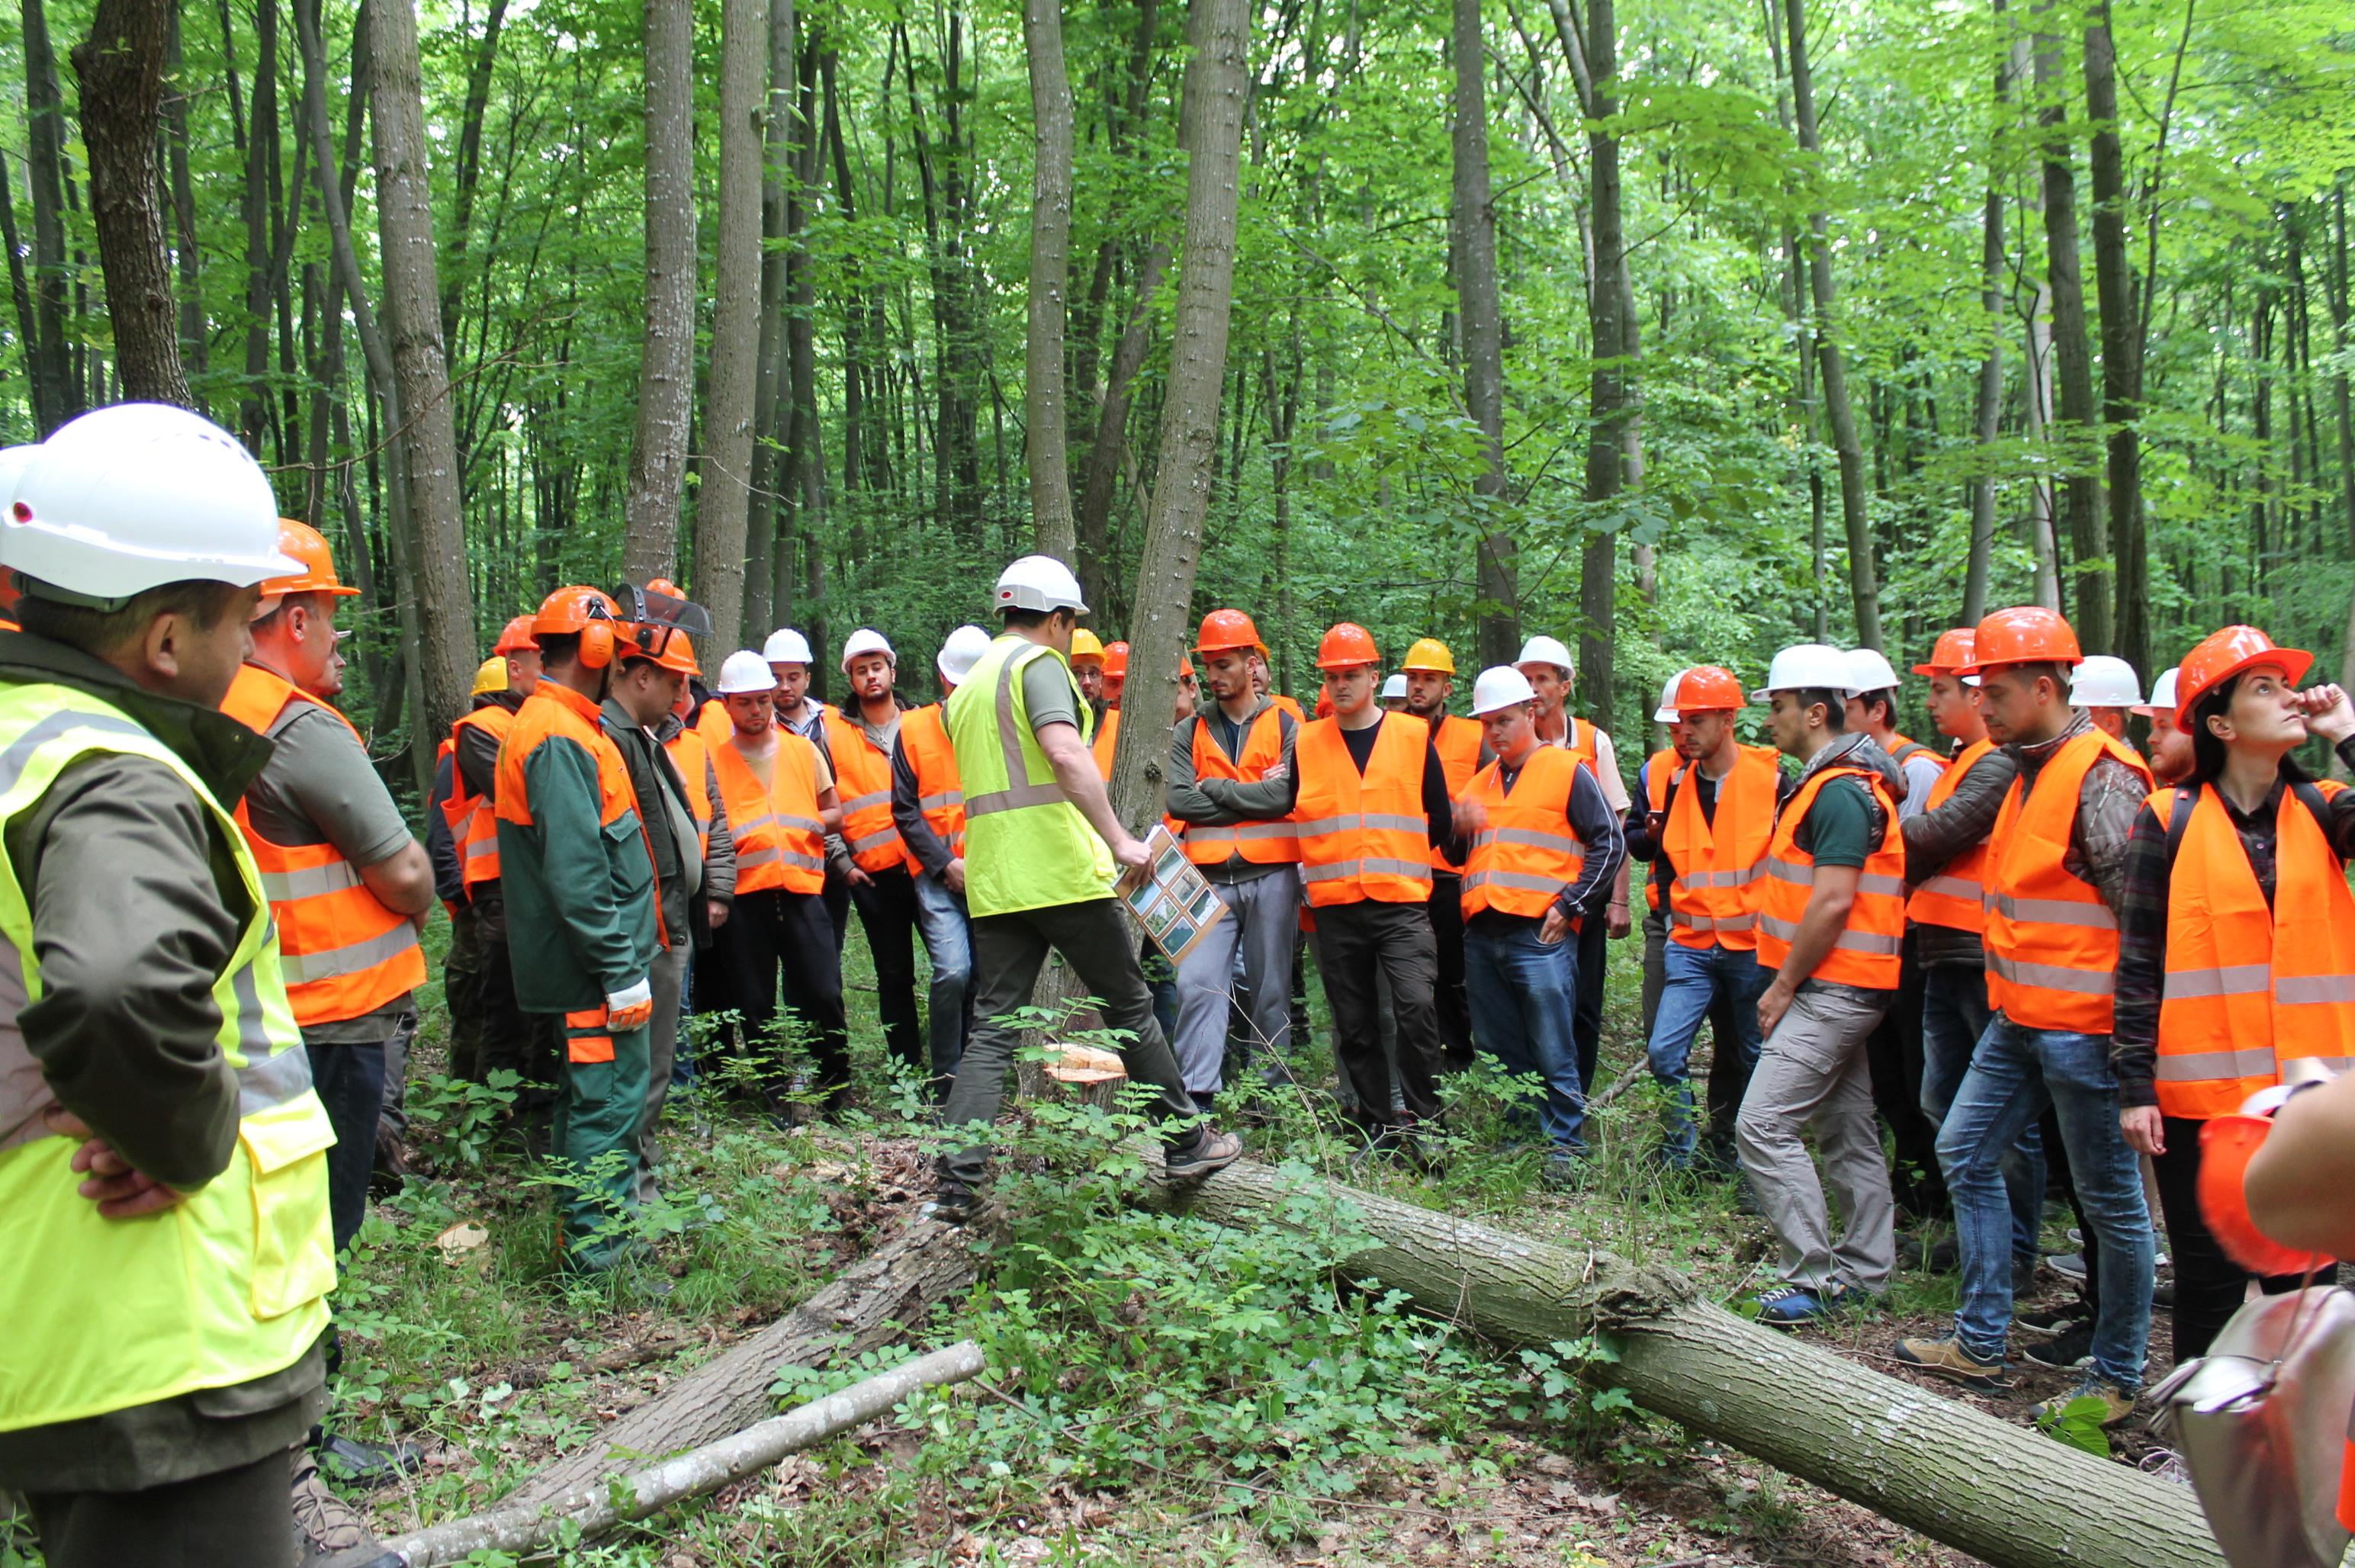 Vizită de studii a studenților Facultății de Silvicultură și Exploatări Forestiere din Brașov